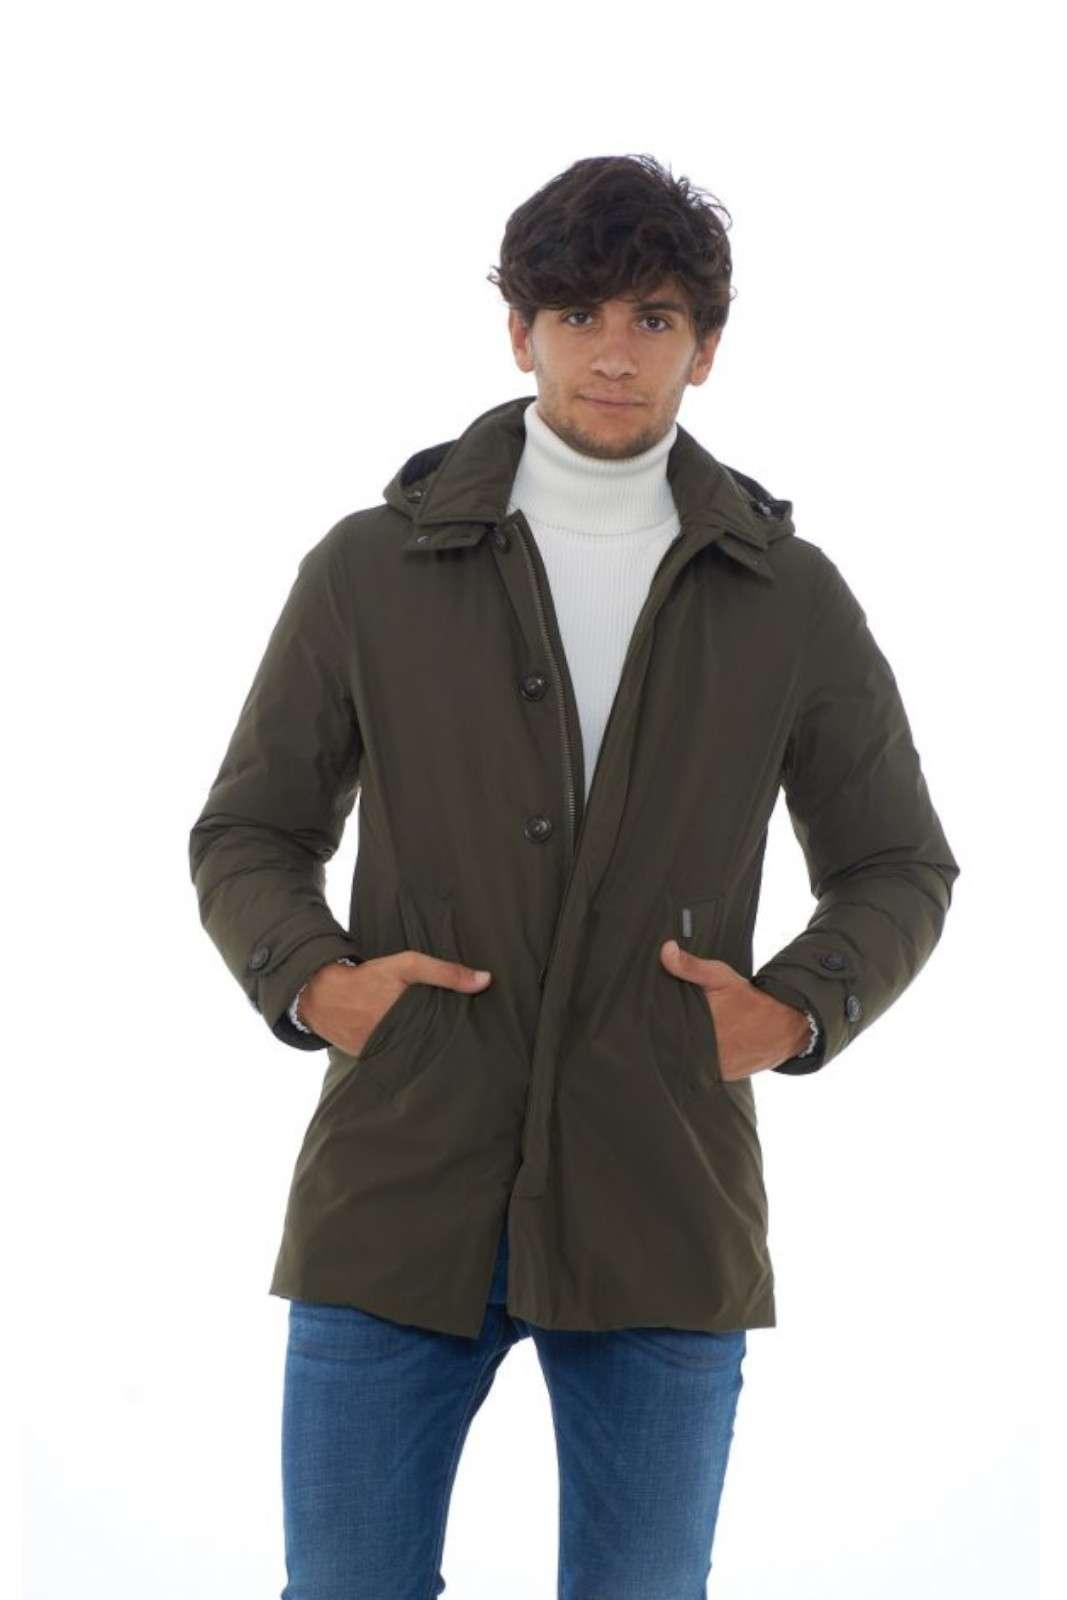 Un giaccone comodo e ideato perla vita urbana quello firmato Woolrich. Il taglio lo rende elegante e studiato anche per le occasioni più formali. L'imbottitura in piumino permette di rimanere caldi anche nelle più fredde giornate invernali. Il modello è alto 1.90 e indossa la taglia L